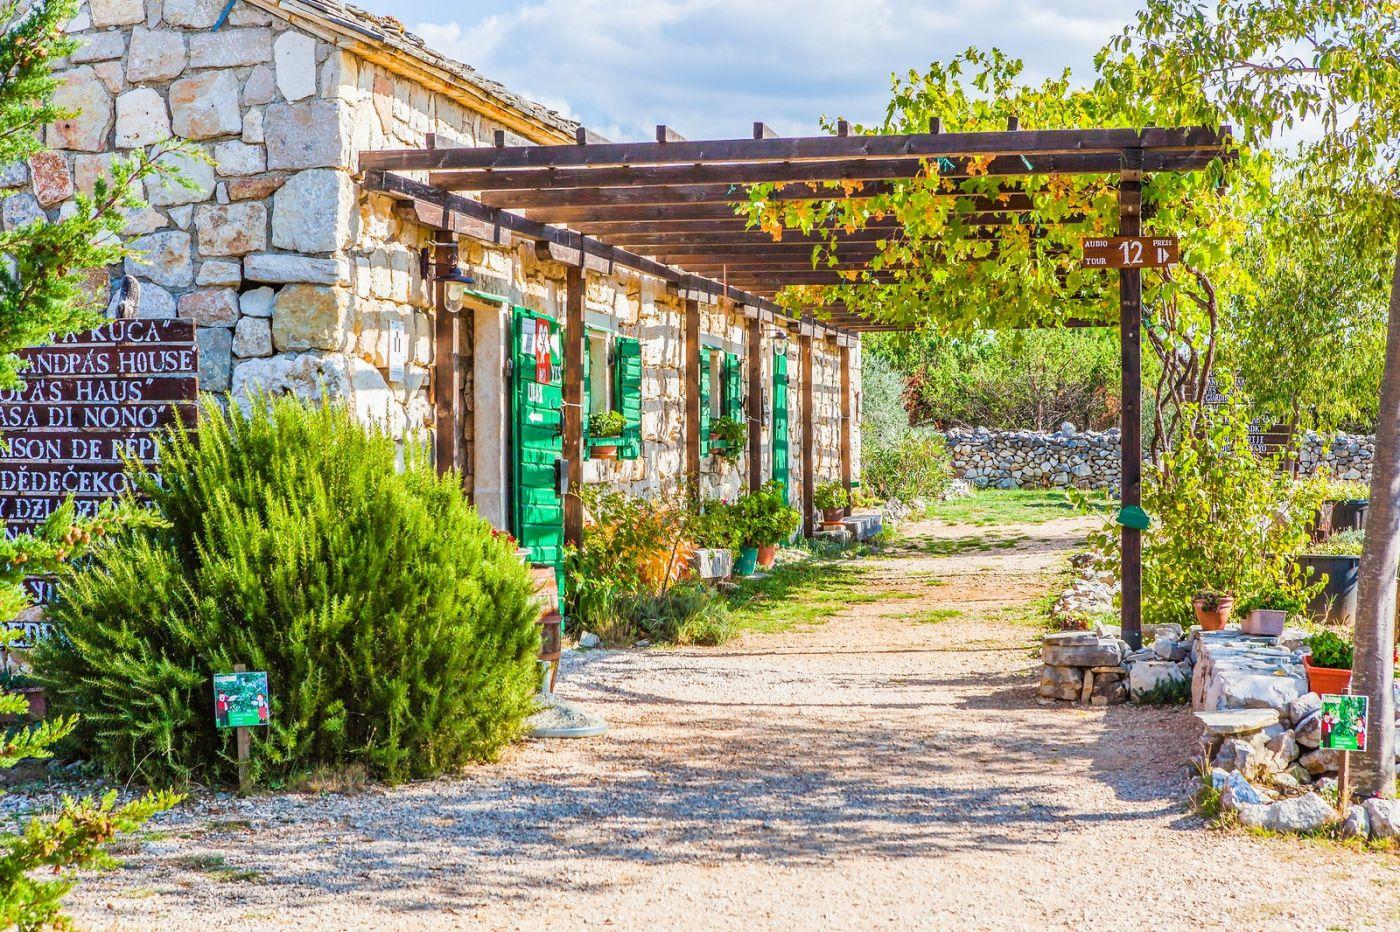 克罗地亚达尔马提亚村,独特的地域风貌_图1-9